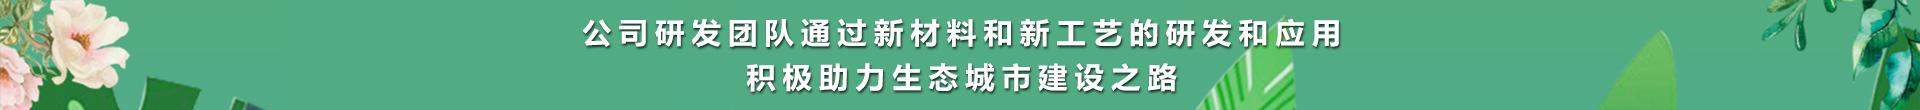 内蒙市政园林园艺 内蒙立体景观绿化 沈阳PVC花箱生产厂家 沈阳铝合金花箱 沈阳道路花箱护栏厂家